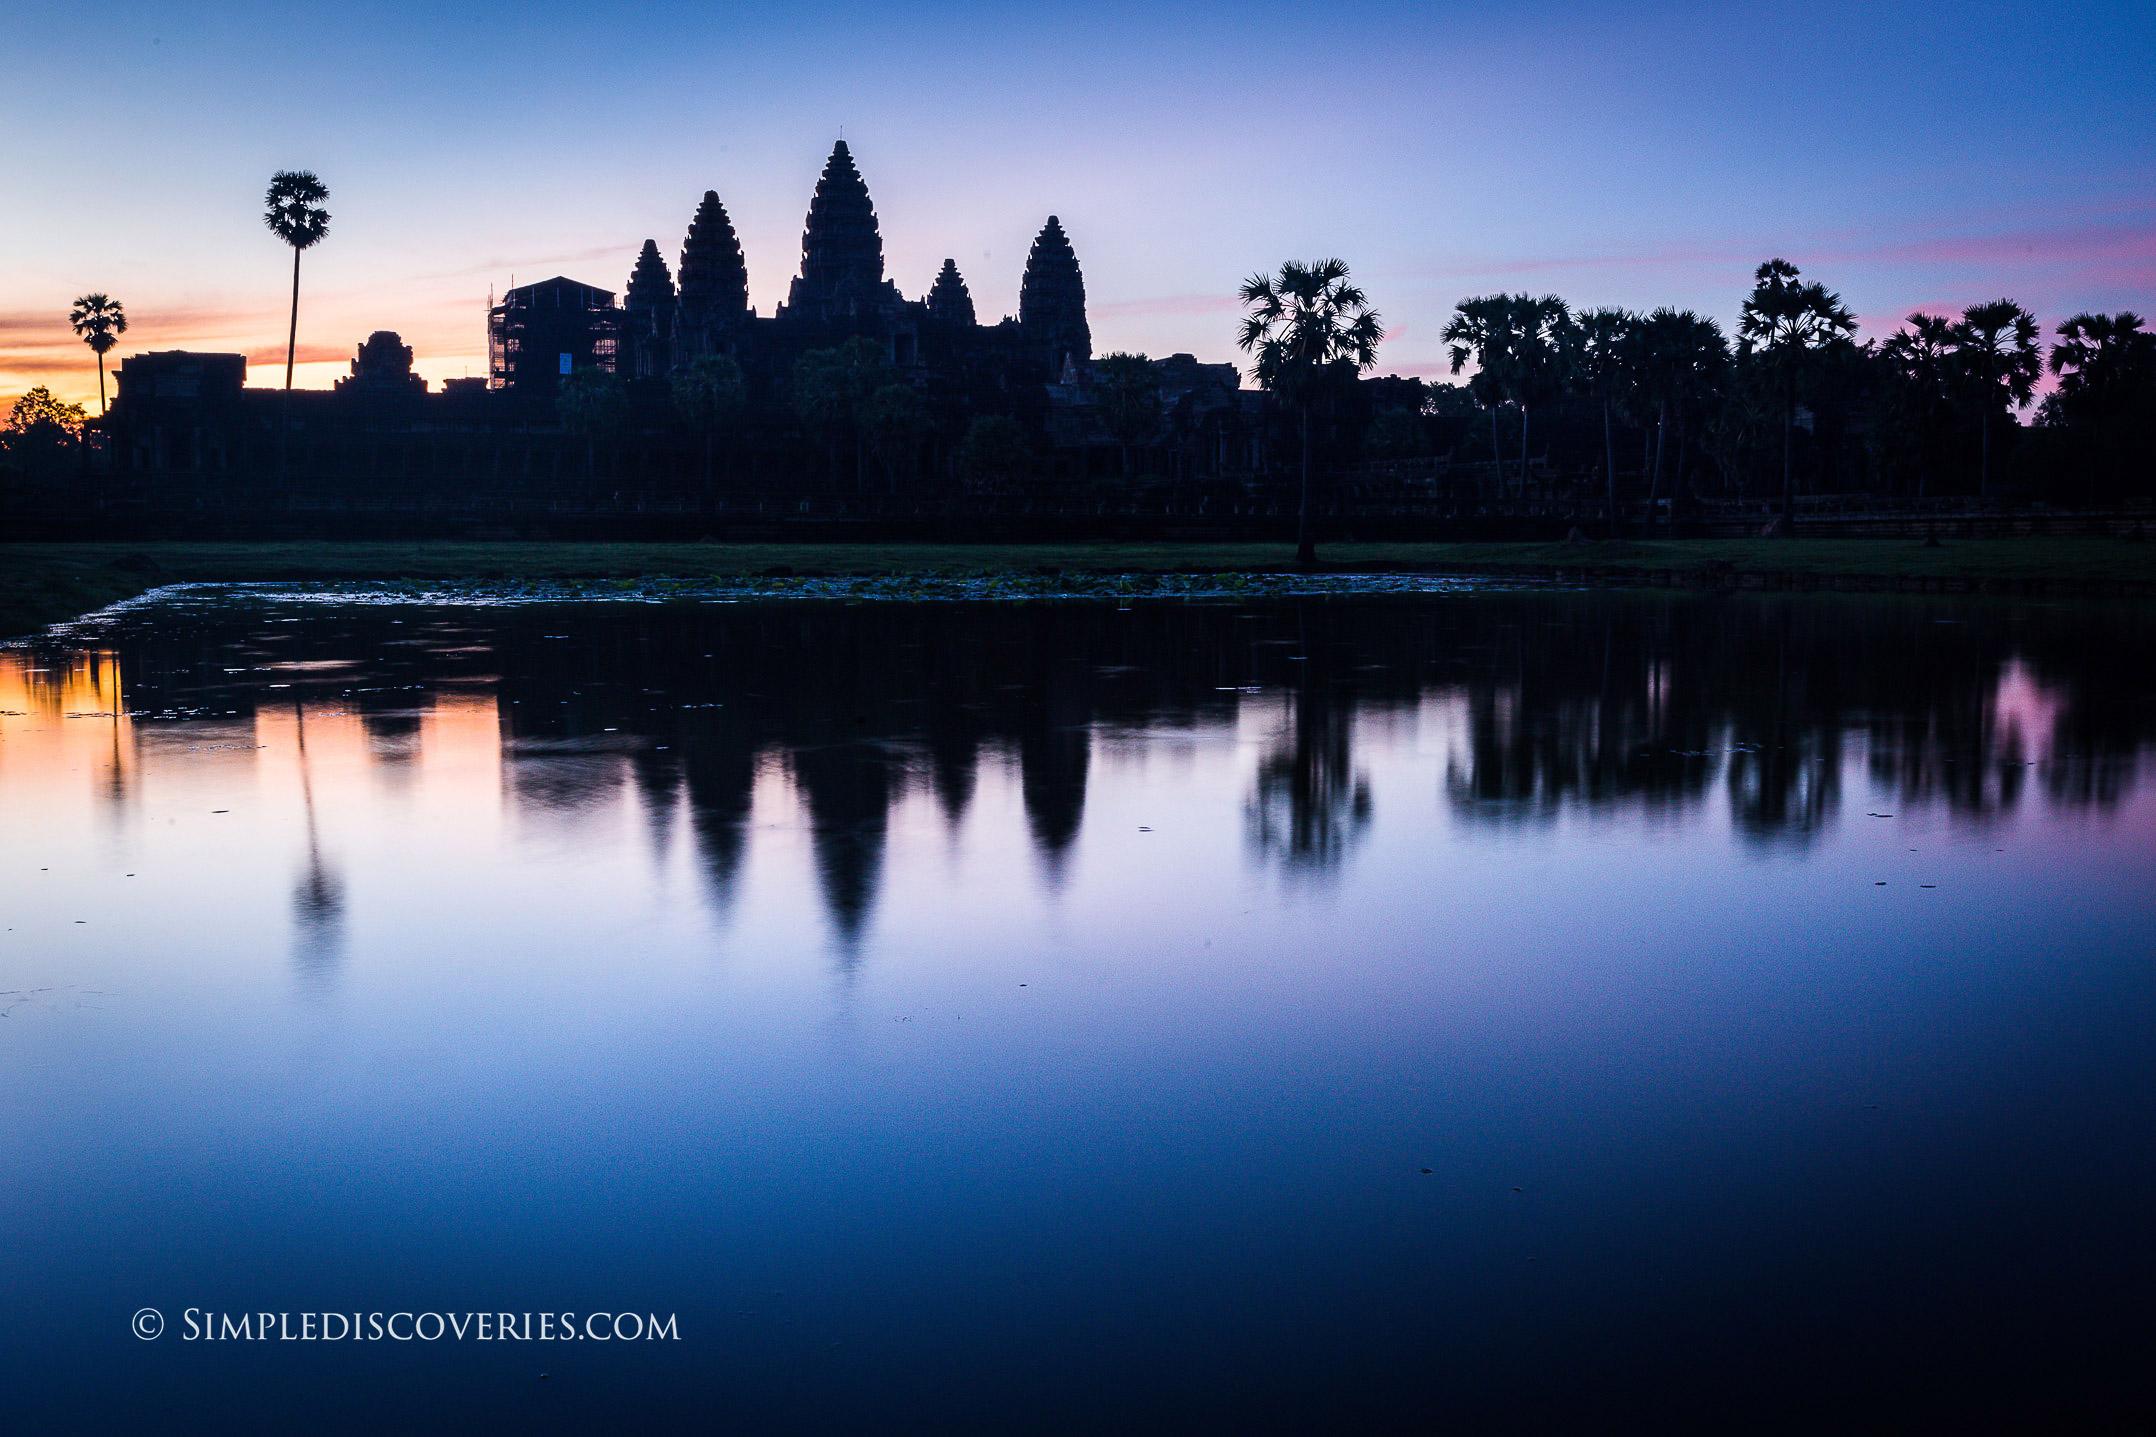 cambodia_angkor_wat_dawn_reflection